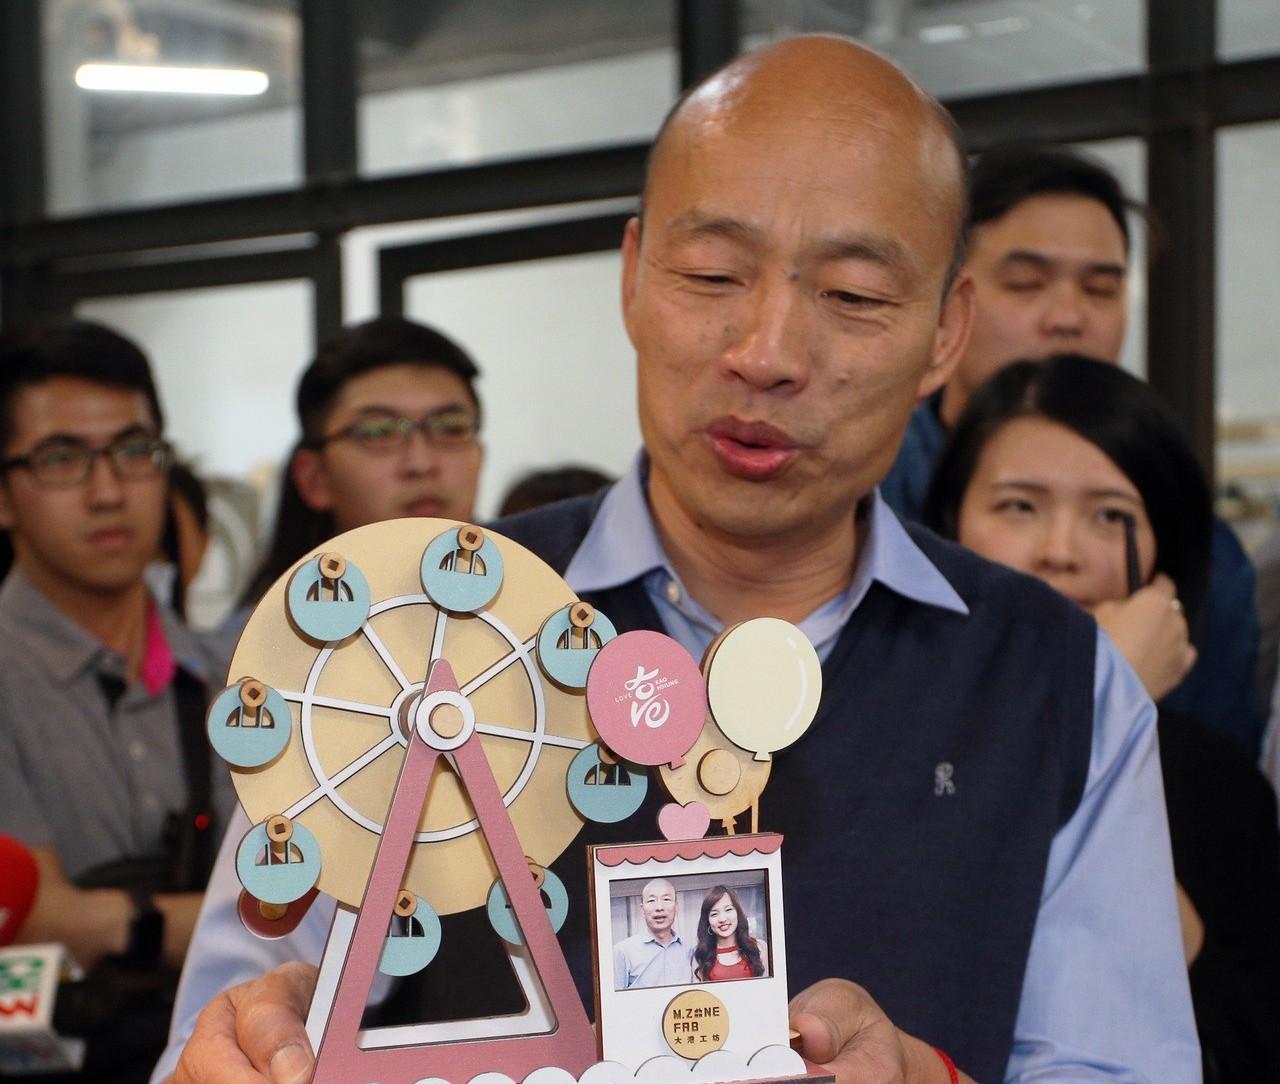 高雄市長韓國瑜力推愛情產業鏈,發展經濟。 圖/聯合報系資料照片